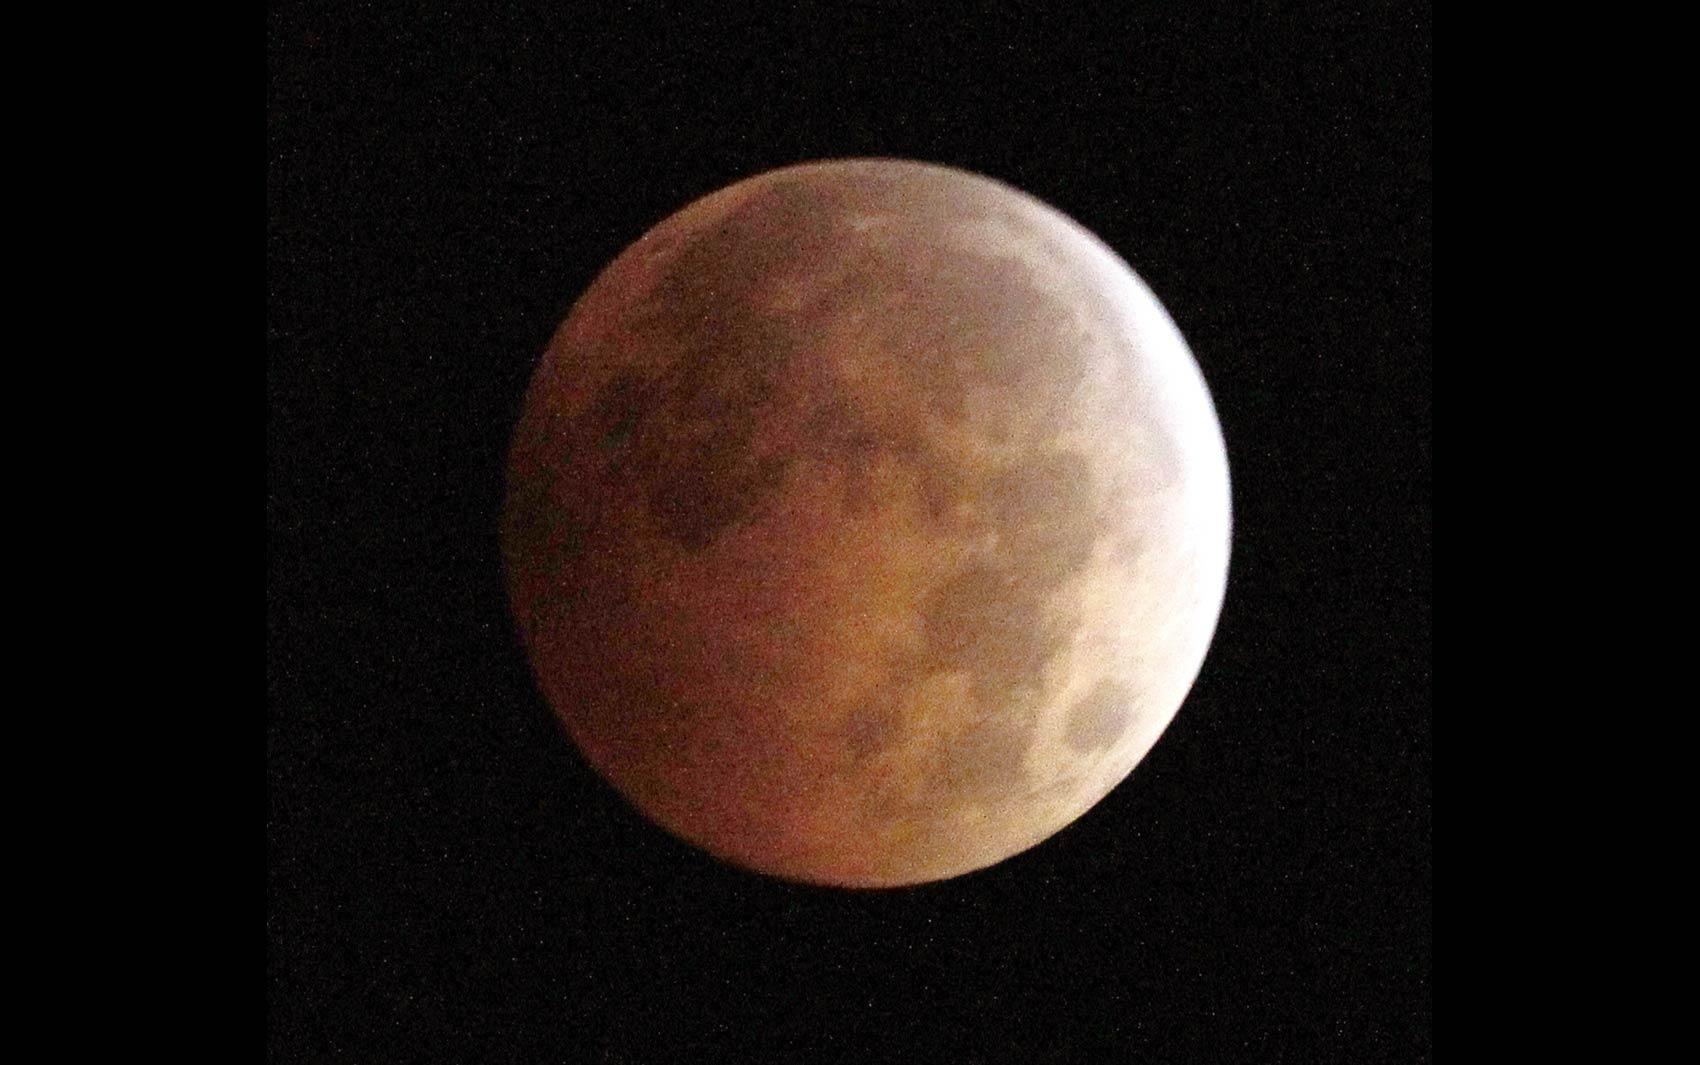 Fotógrafo registra a 'Lua de sangue' durante eclipse lunar visto de Monterey Park, na Califórnia (EUA)